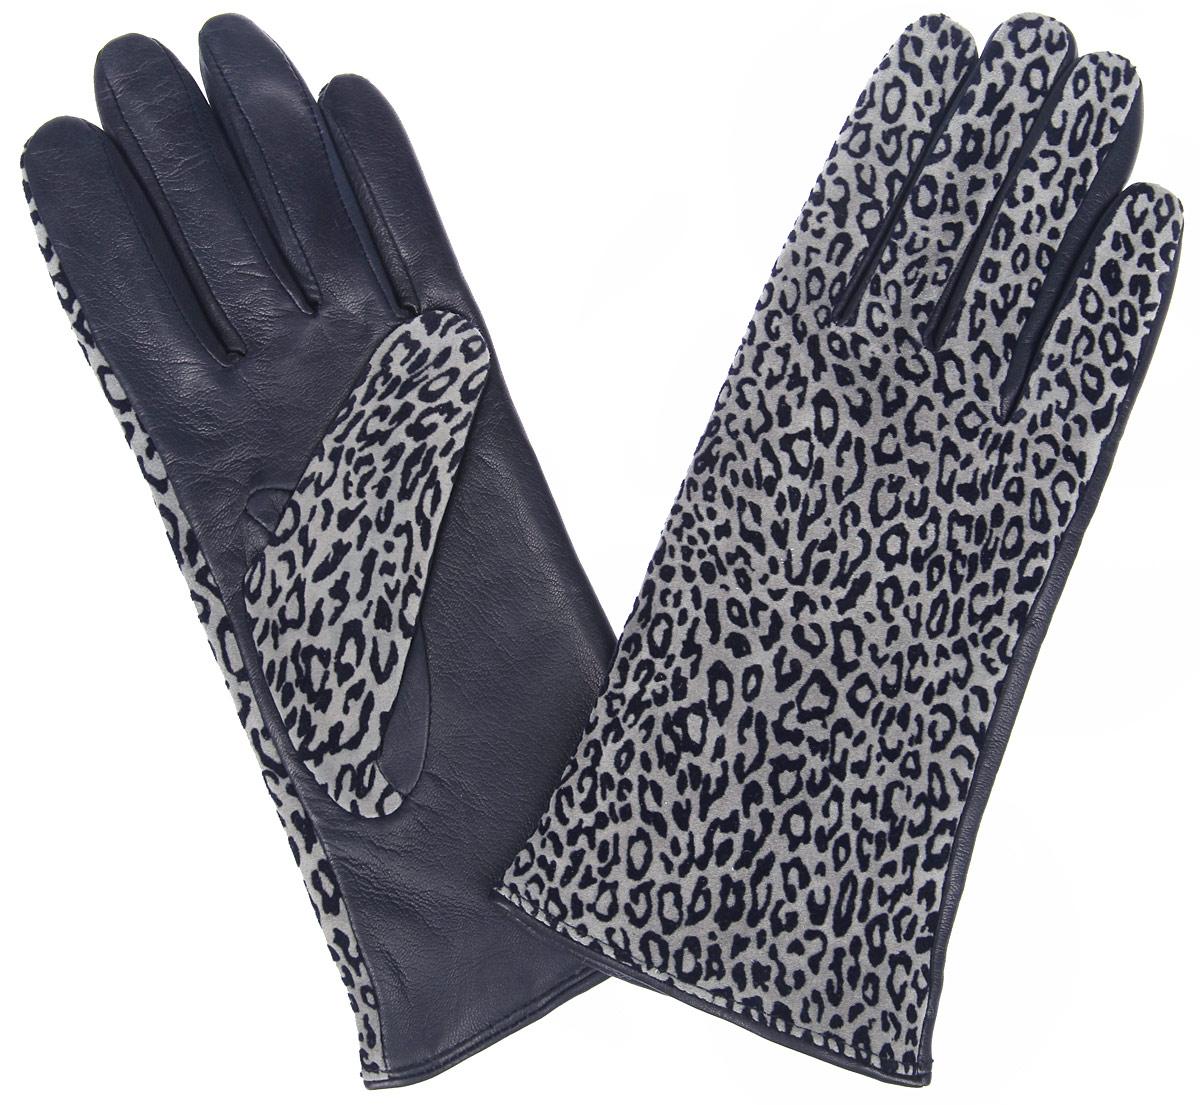 Перчатки женские. IS02015IS02015Стильные женские перчатки Eleganzza не только защитят ваши руки от холода, но и станут великолепным украшением. Ладонная часть модели выполнена из натуральной кожи с гладкой поверхностью, тыльная сторона - из натуральной замши с лазерным тиснением с принтом под леопарда. Подкладка выполнена из натуральной шерсти с добавлением кашемира. Вместе с этим аксессуаром вы обретаете женственность и элегантность. Варежки Eleganzza станут завершающим и подчеркивающим элементом вашего стиля и неповторимости.